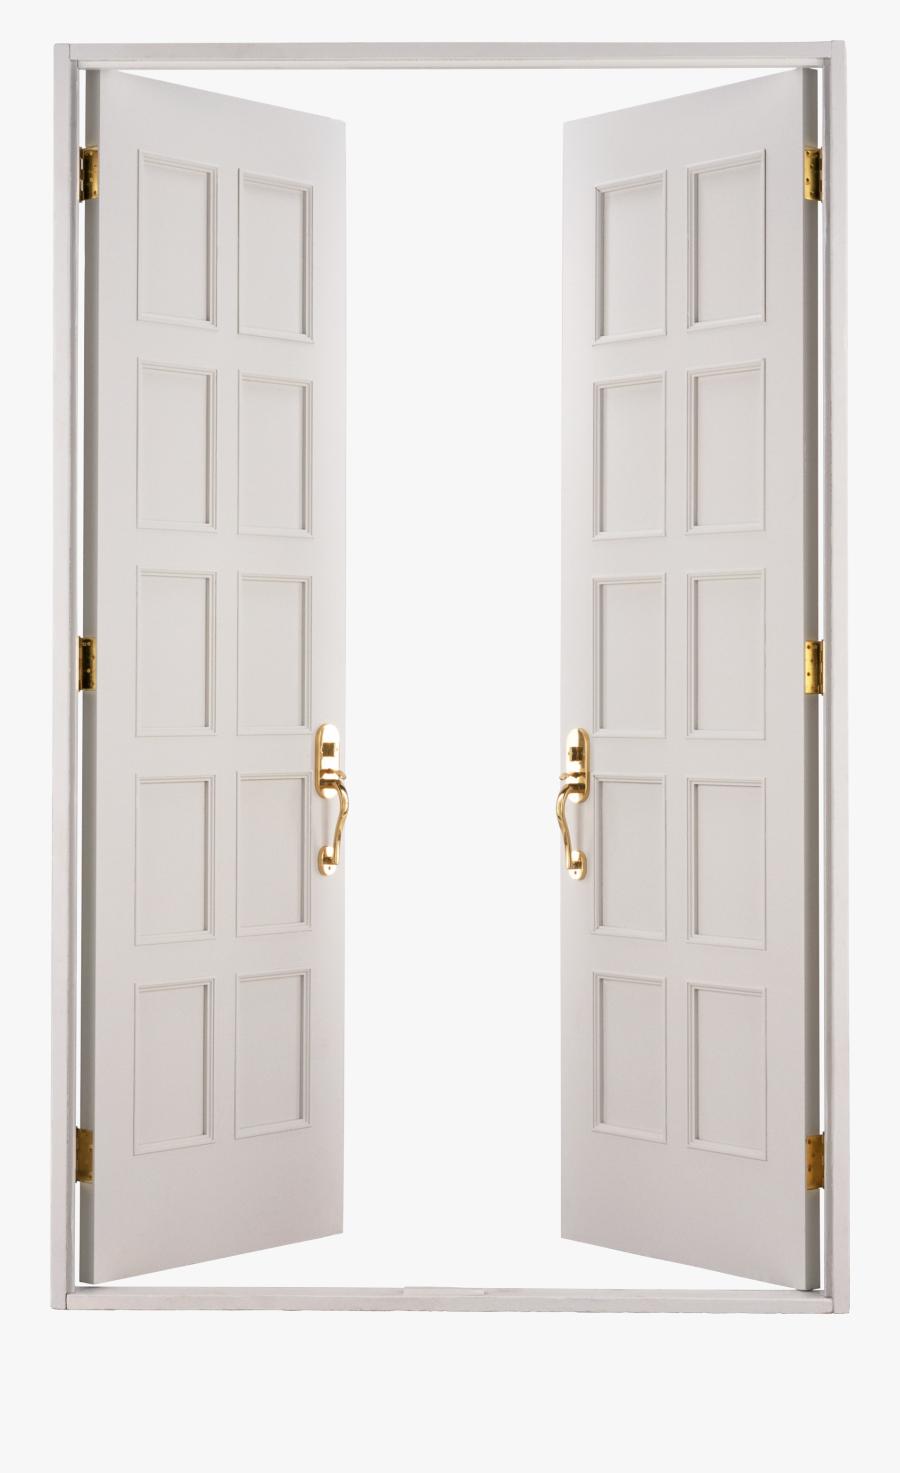 Open Door Png - Transparent Background Open Door Png, Transparent Clipart